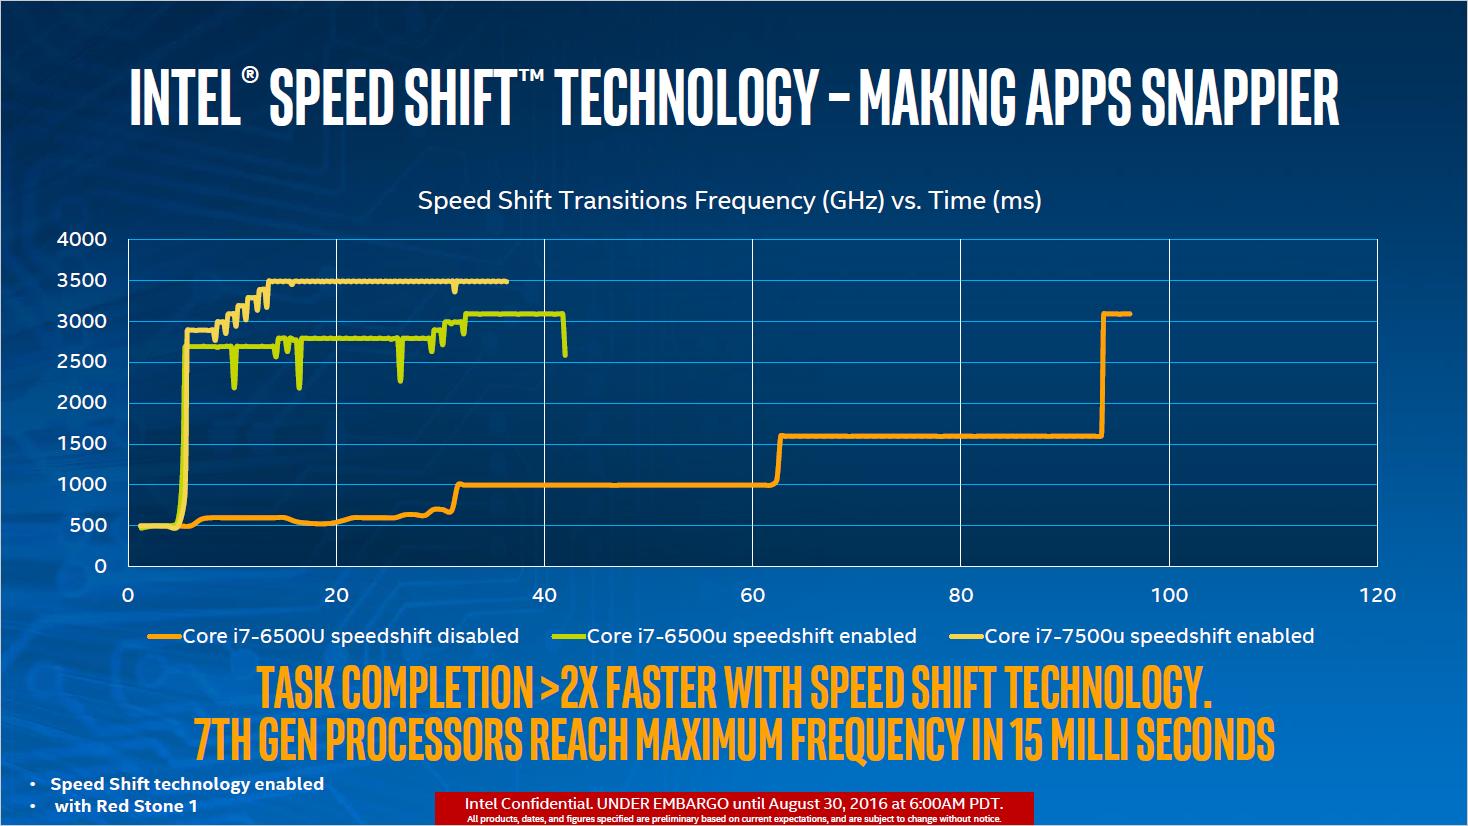 Kaby Lake: Intel stellt neue Chips für Mini-PCs und Ultrabooks vor - Speed Shift soll bei Kaby Lake viel schneller arbeiten. (Bild: Intel)